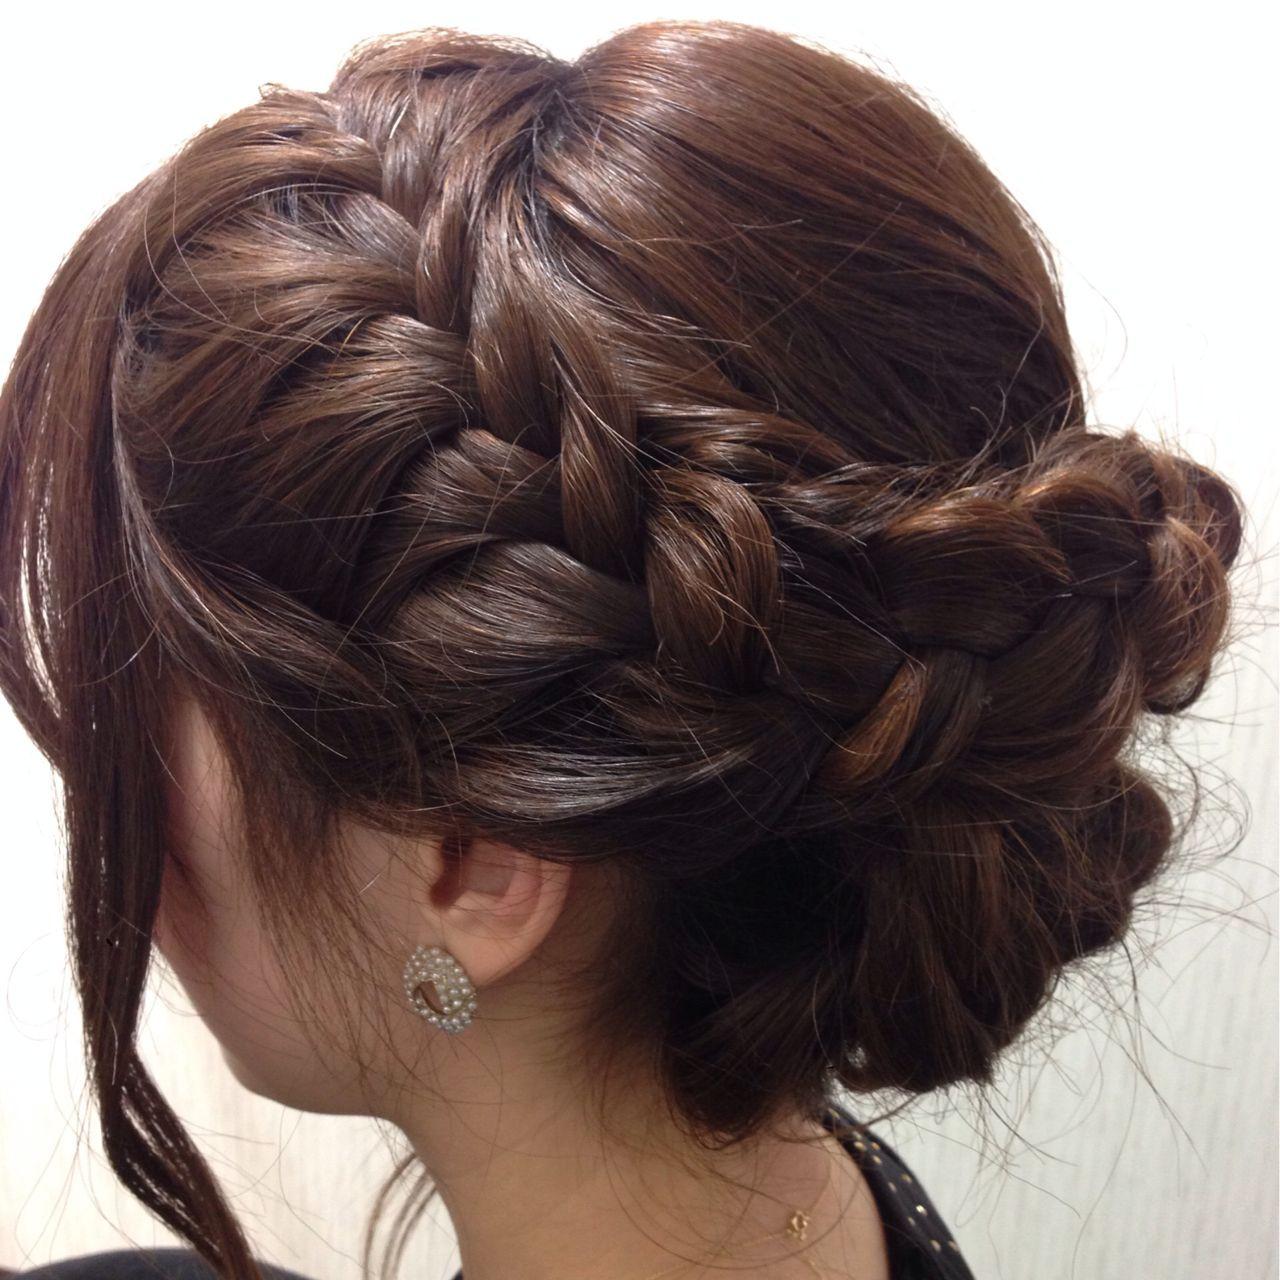 ヘアアレンジ アップスタイル 編み込み ショート ヘアスタイルや髪型の写真・画像